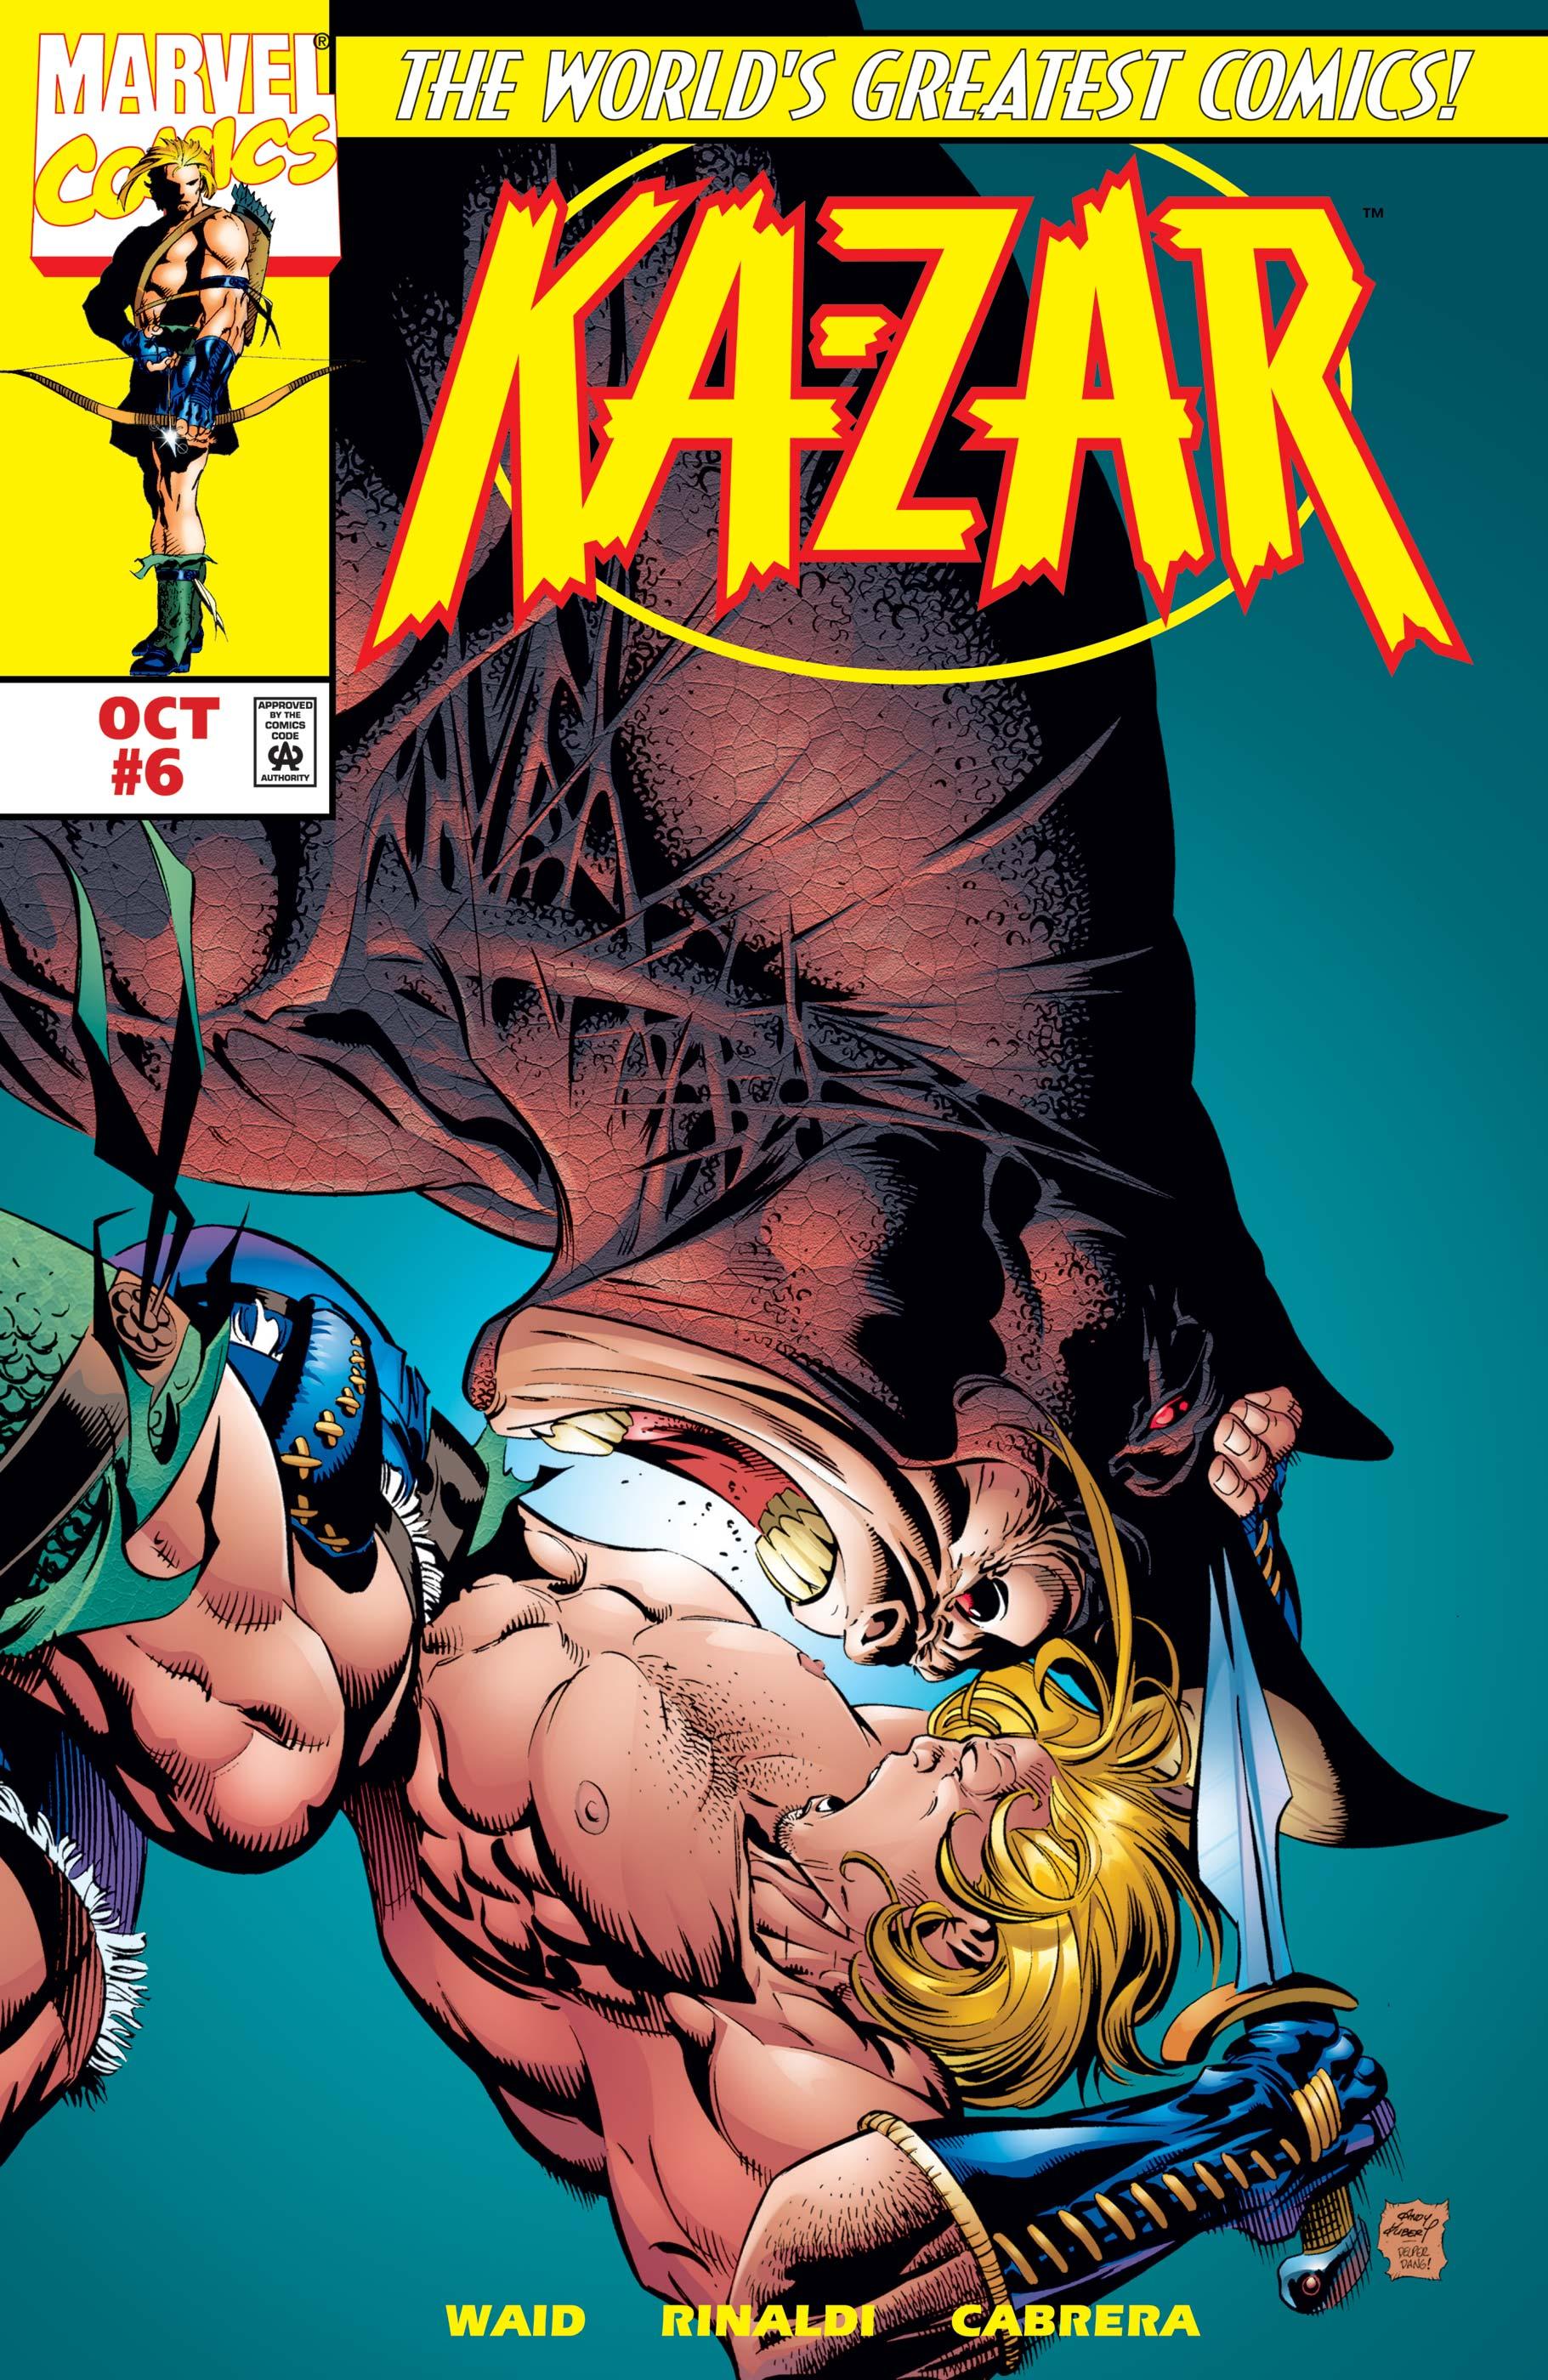 Ka-Zar (1997) #6